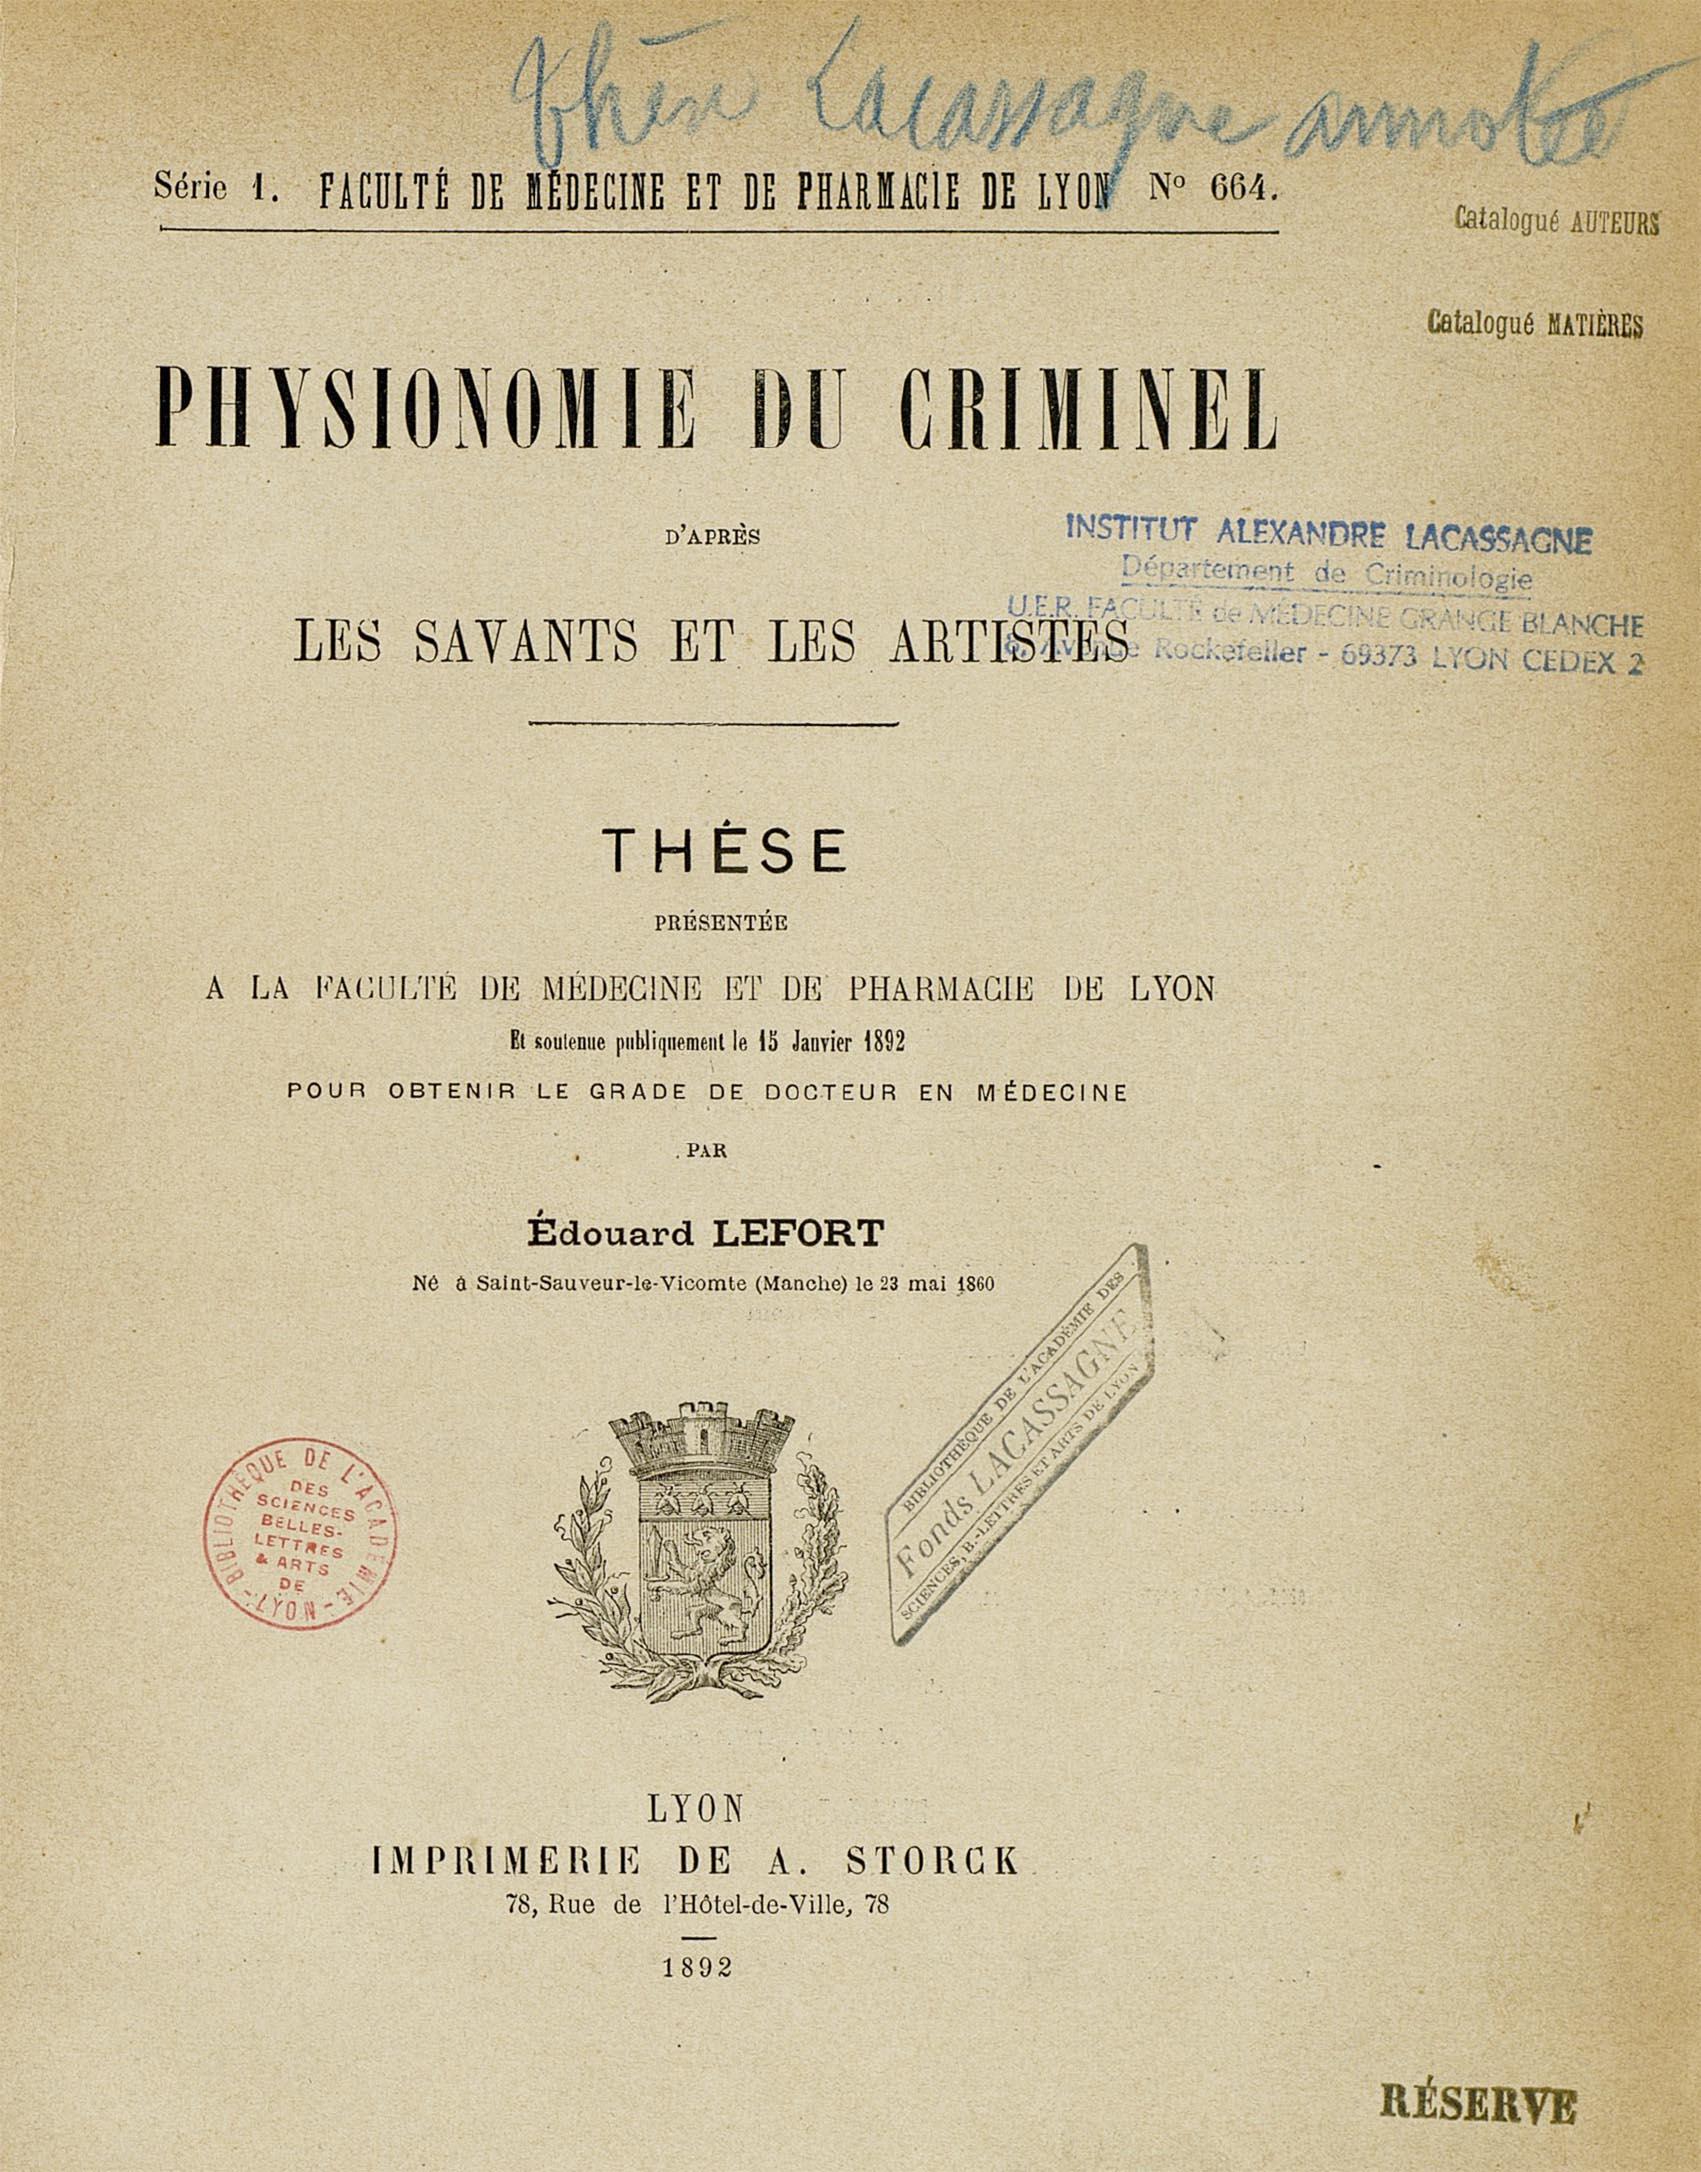 Physionomie du criminel d'après les savants et les artistes